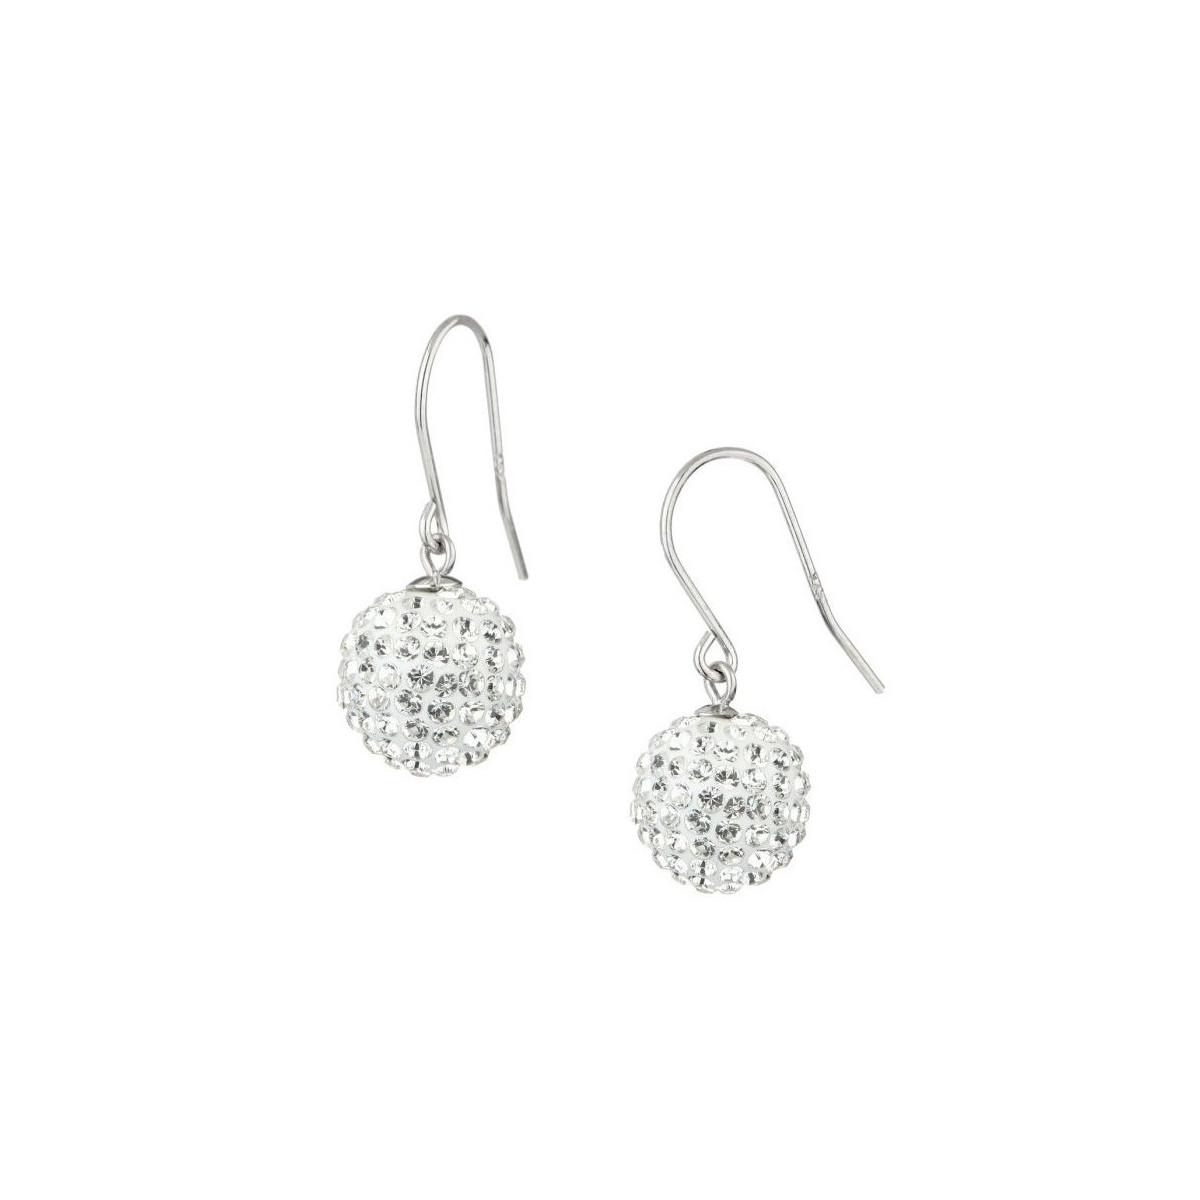 Boucles d'oreilles Bubble Dormeuses Blanches Argent 925 Ornée de Cristaux Swarovski Elements Blanc